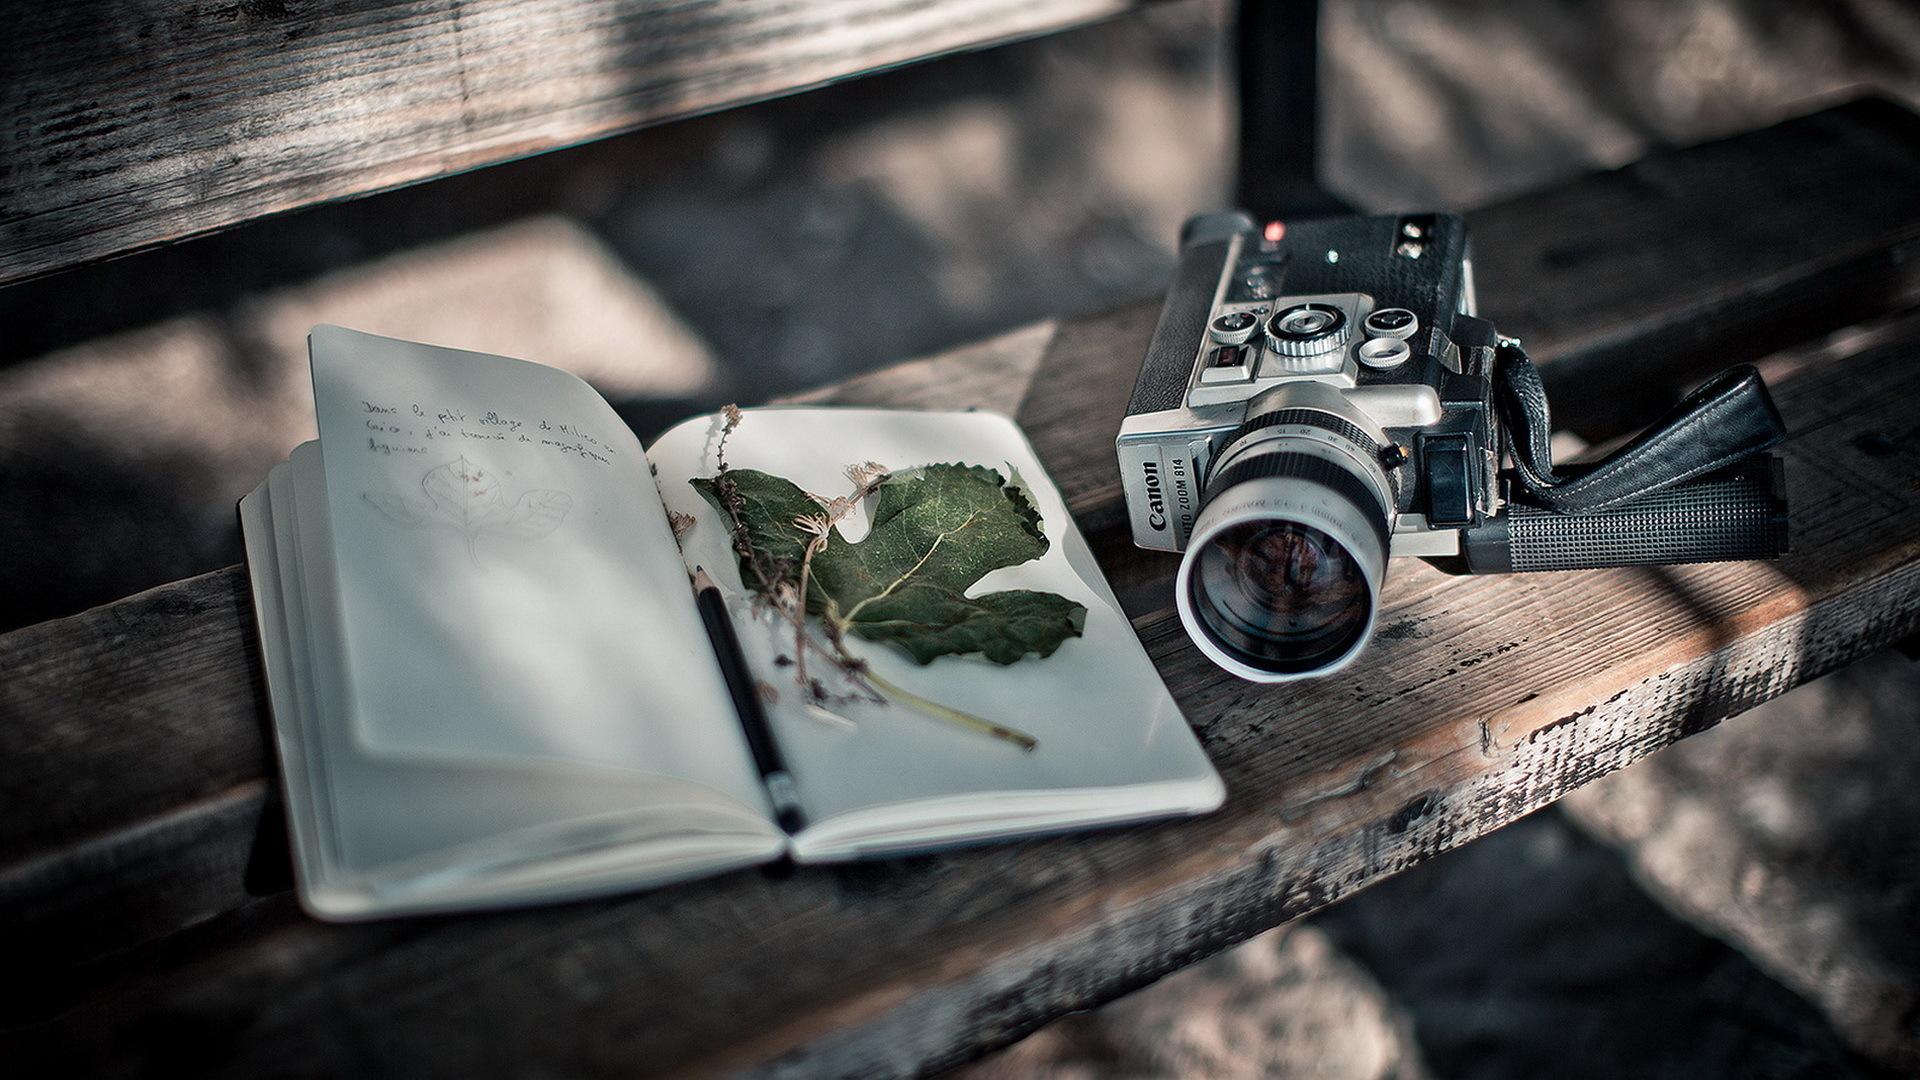 Картинка: Фотоаппарат, камера, Canon, книжка, листок, лежит, скамейка